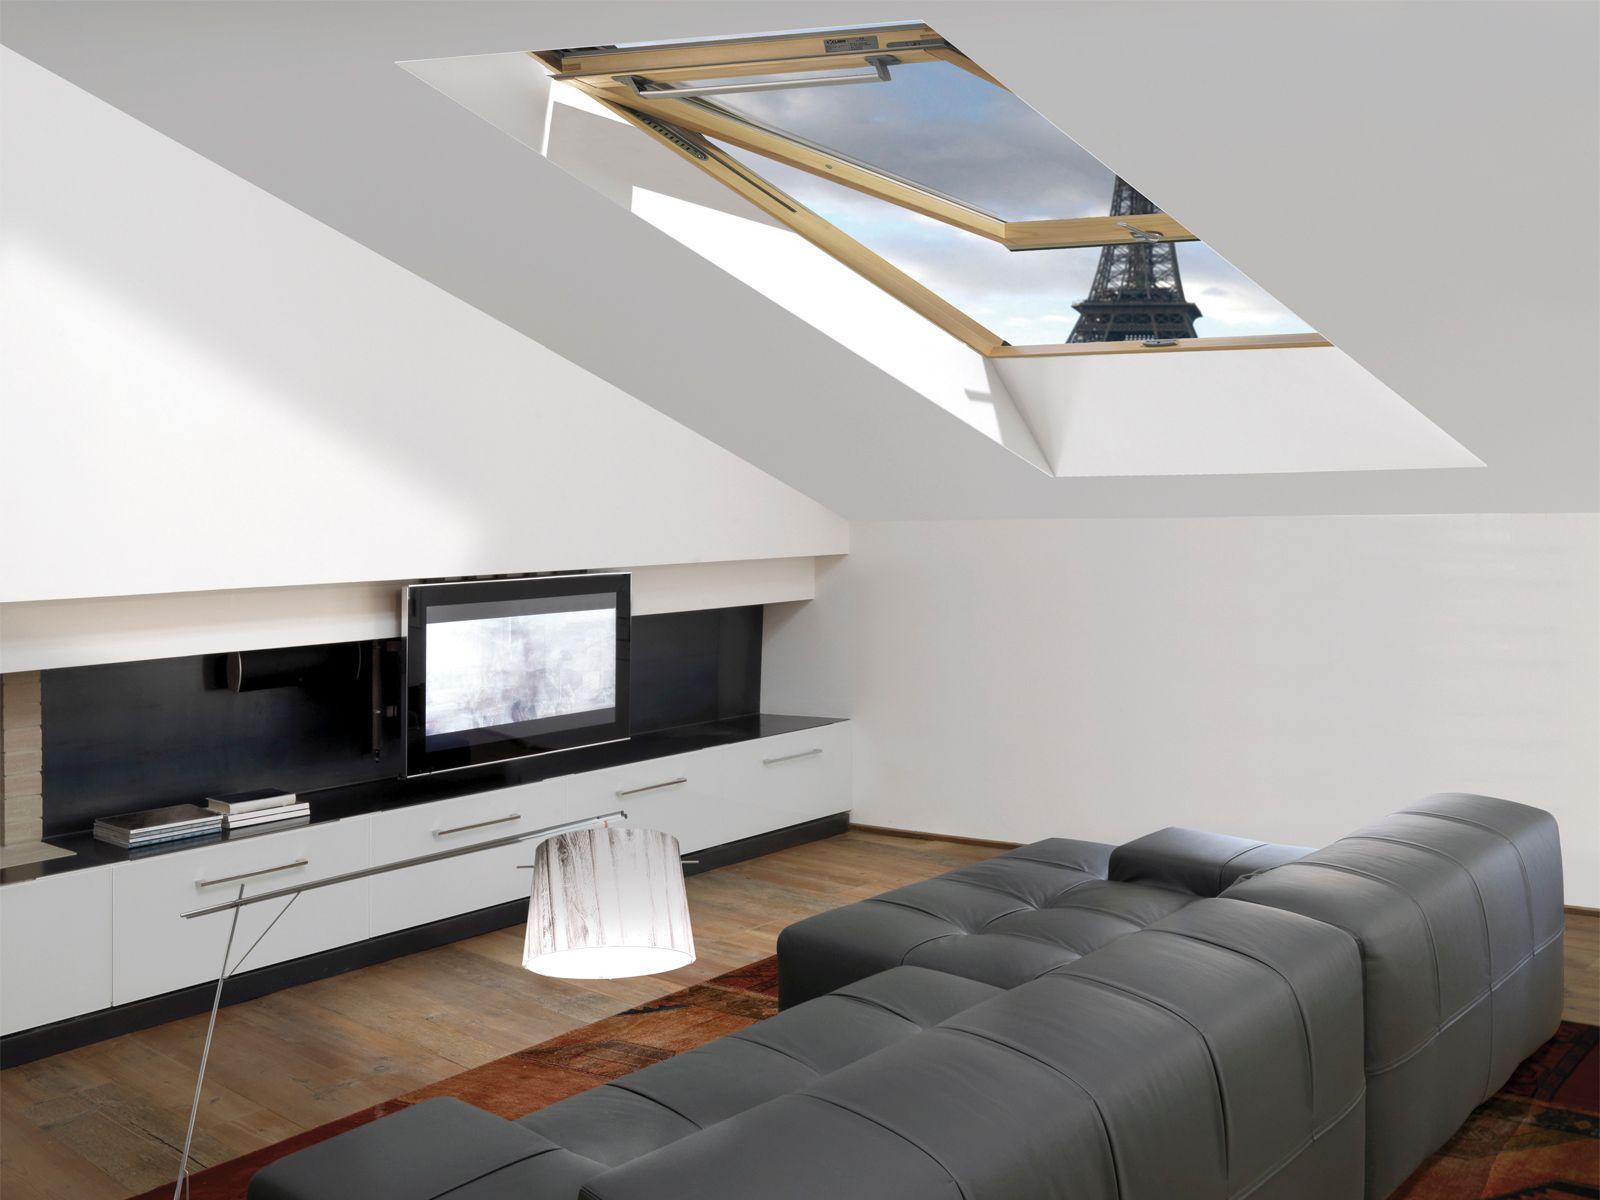 Finestra da tetto con doppia apertura a bilico e vasistas - Finestra vasistas meccanismo ...